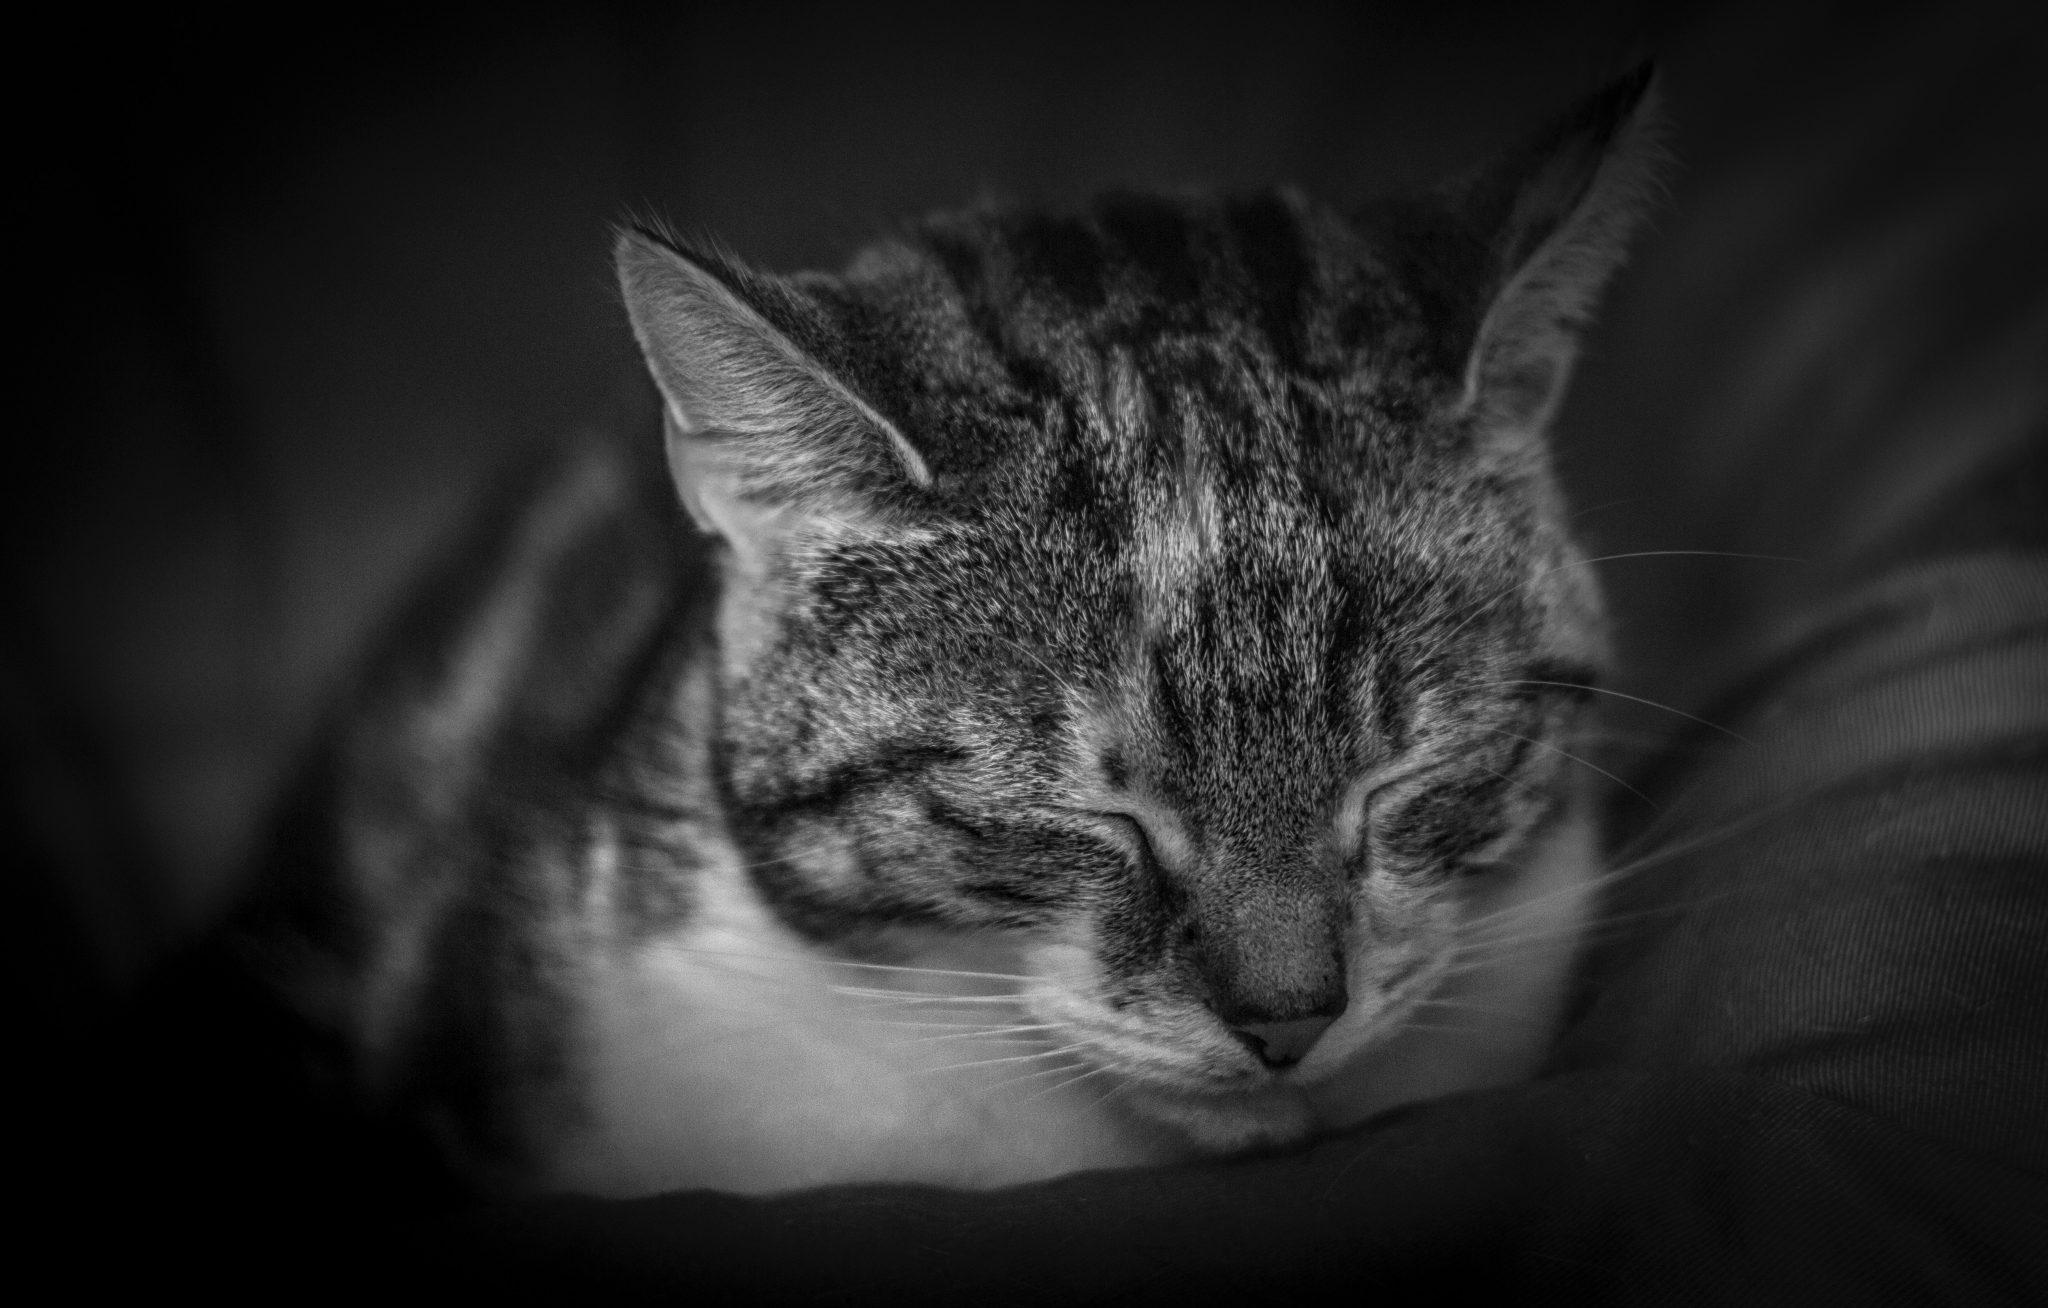 고양이 뇌진탕